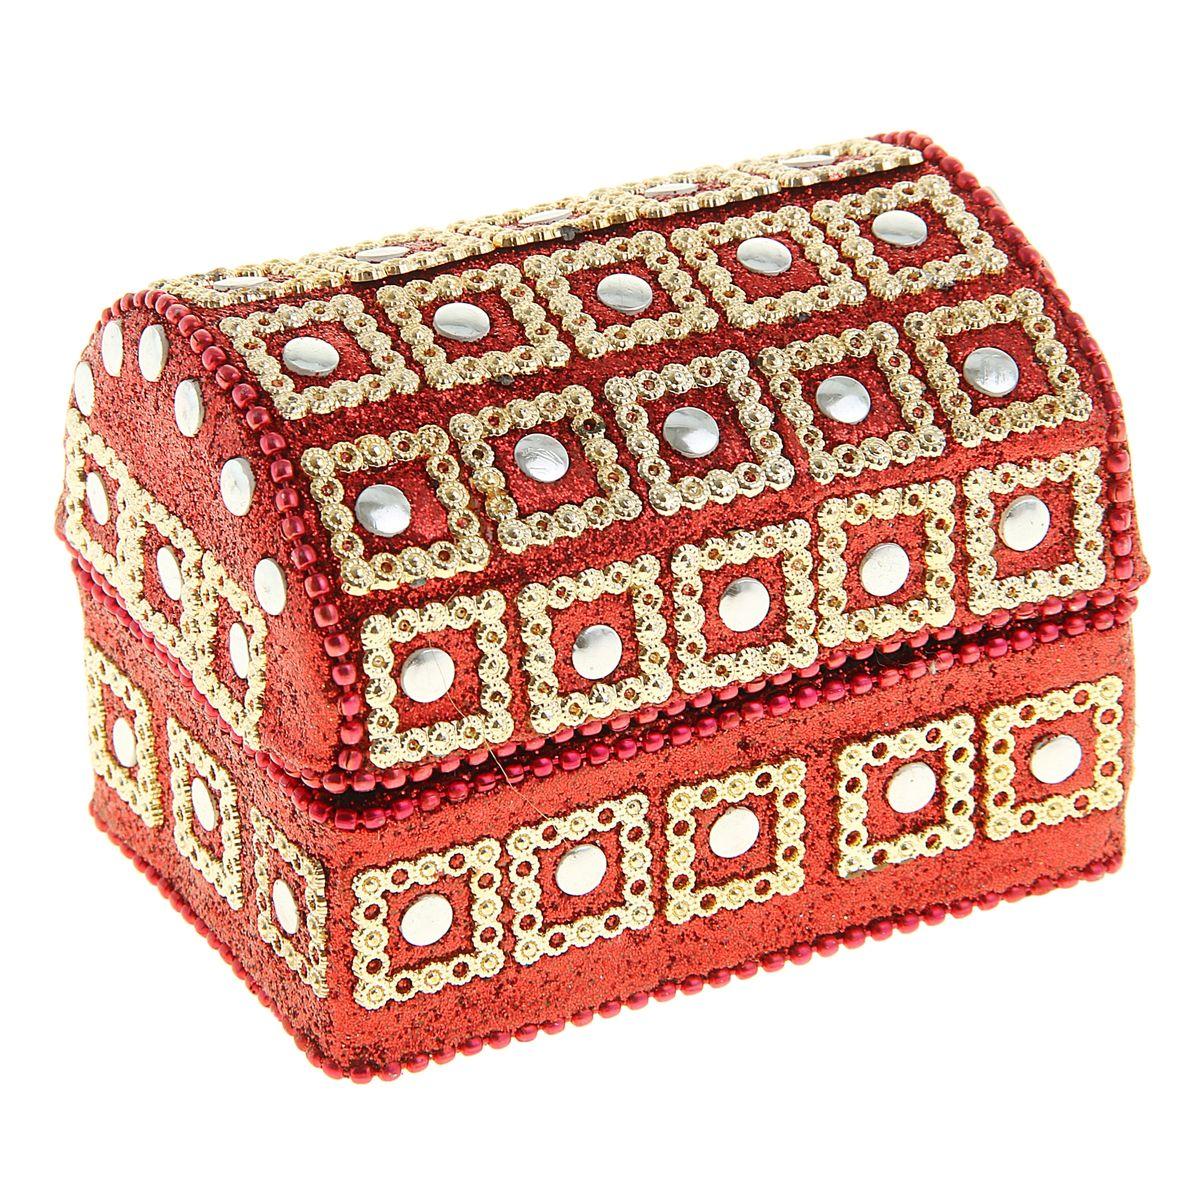 Шкатулка Sima-land Золотые квадраты, 8,5 х 6 х 6,5 см699598Шкатулка Sima-land Золотые квадраты выполнена из дерева и отделана металлом. Оформлена множеством блестящих вставок. Шкатулка имеет 1 секцию. Чем больше шкатулок, тем больше украшений. Говорят, что шкатулки их притягивают. А если это настоящая индийская шкатулка, да еще и ручной работы, тогда точно все украшения будут заползать туда сами. Представьте, как там будет уютно вашим сережкам или подвеске, часам или цепочке: это настоящий дворец для любимых аксессуаров. Шкатулка для украшений Золотые квадраты, словно настоящий ларец принцессы, ее форма, материал, узоры, оригинальное обрамление, все это буквально завораживает. Ваши украшения скажут вам только спасибо за такой славный домик! Шкатулка станет приятным подарком женщине по случаю праздника, она обязательно оценит ваш безупречный вкус.